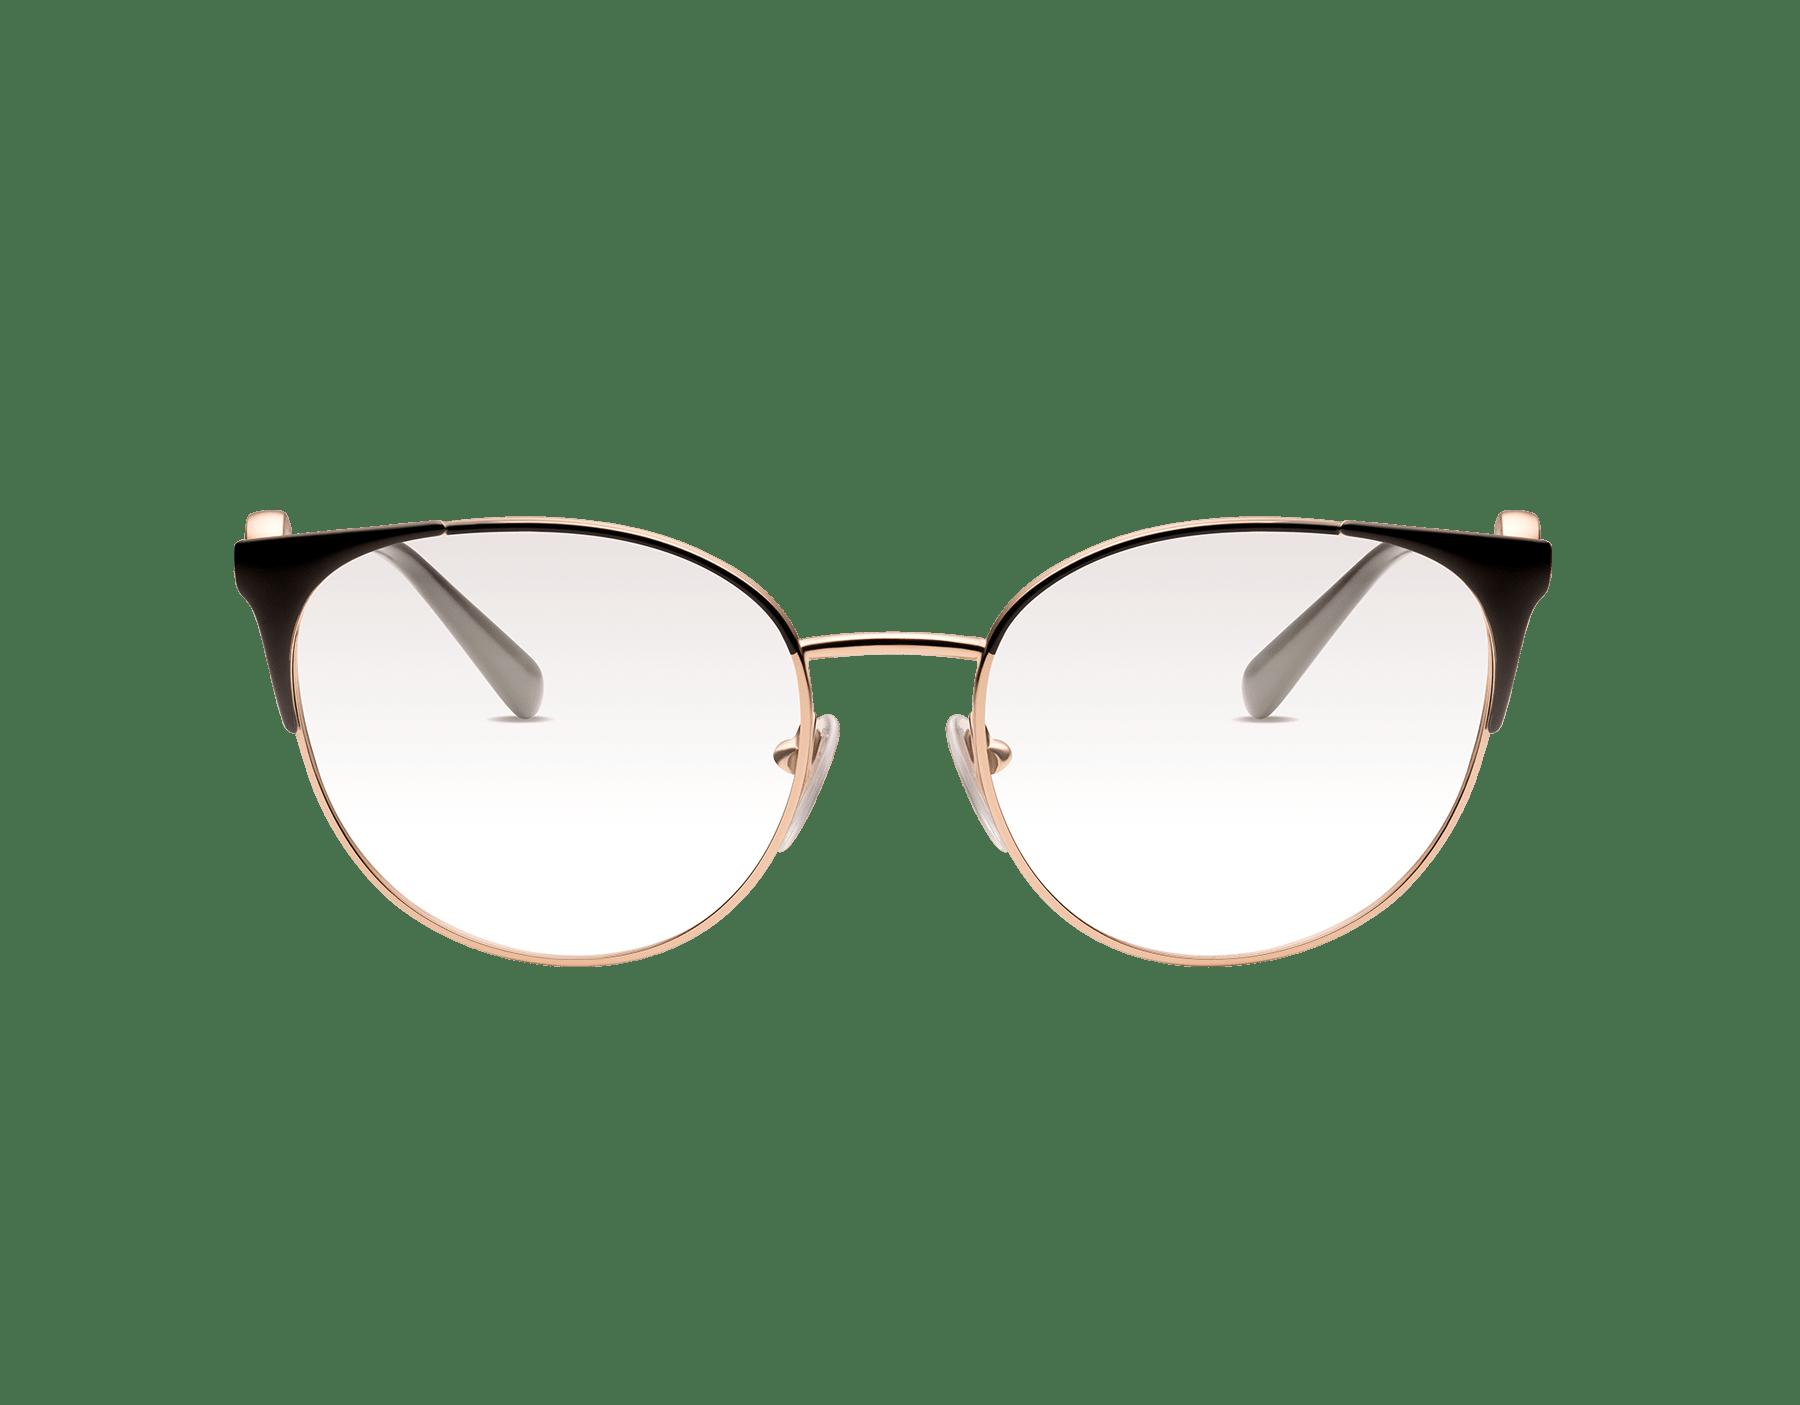 Occhiali da vista Bvlgari Bvlgari con montatura in metallo dalla forma tondeggiante. 903553 image 2